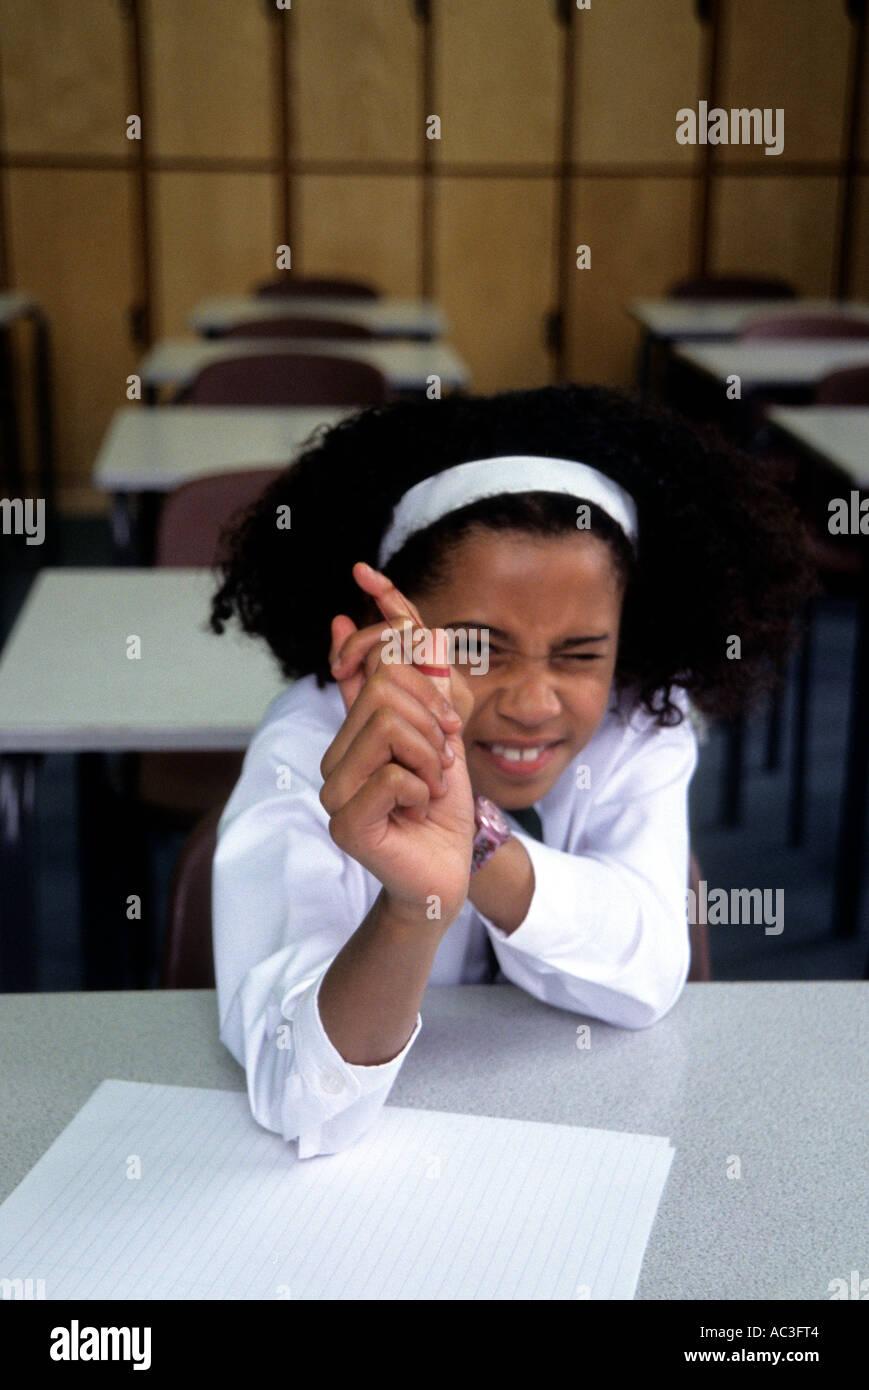 Naughtiest girl in school Stock Photo